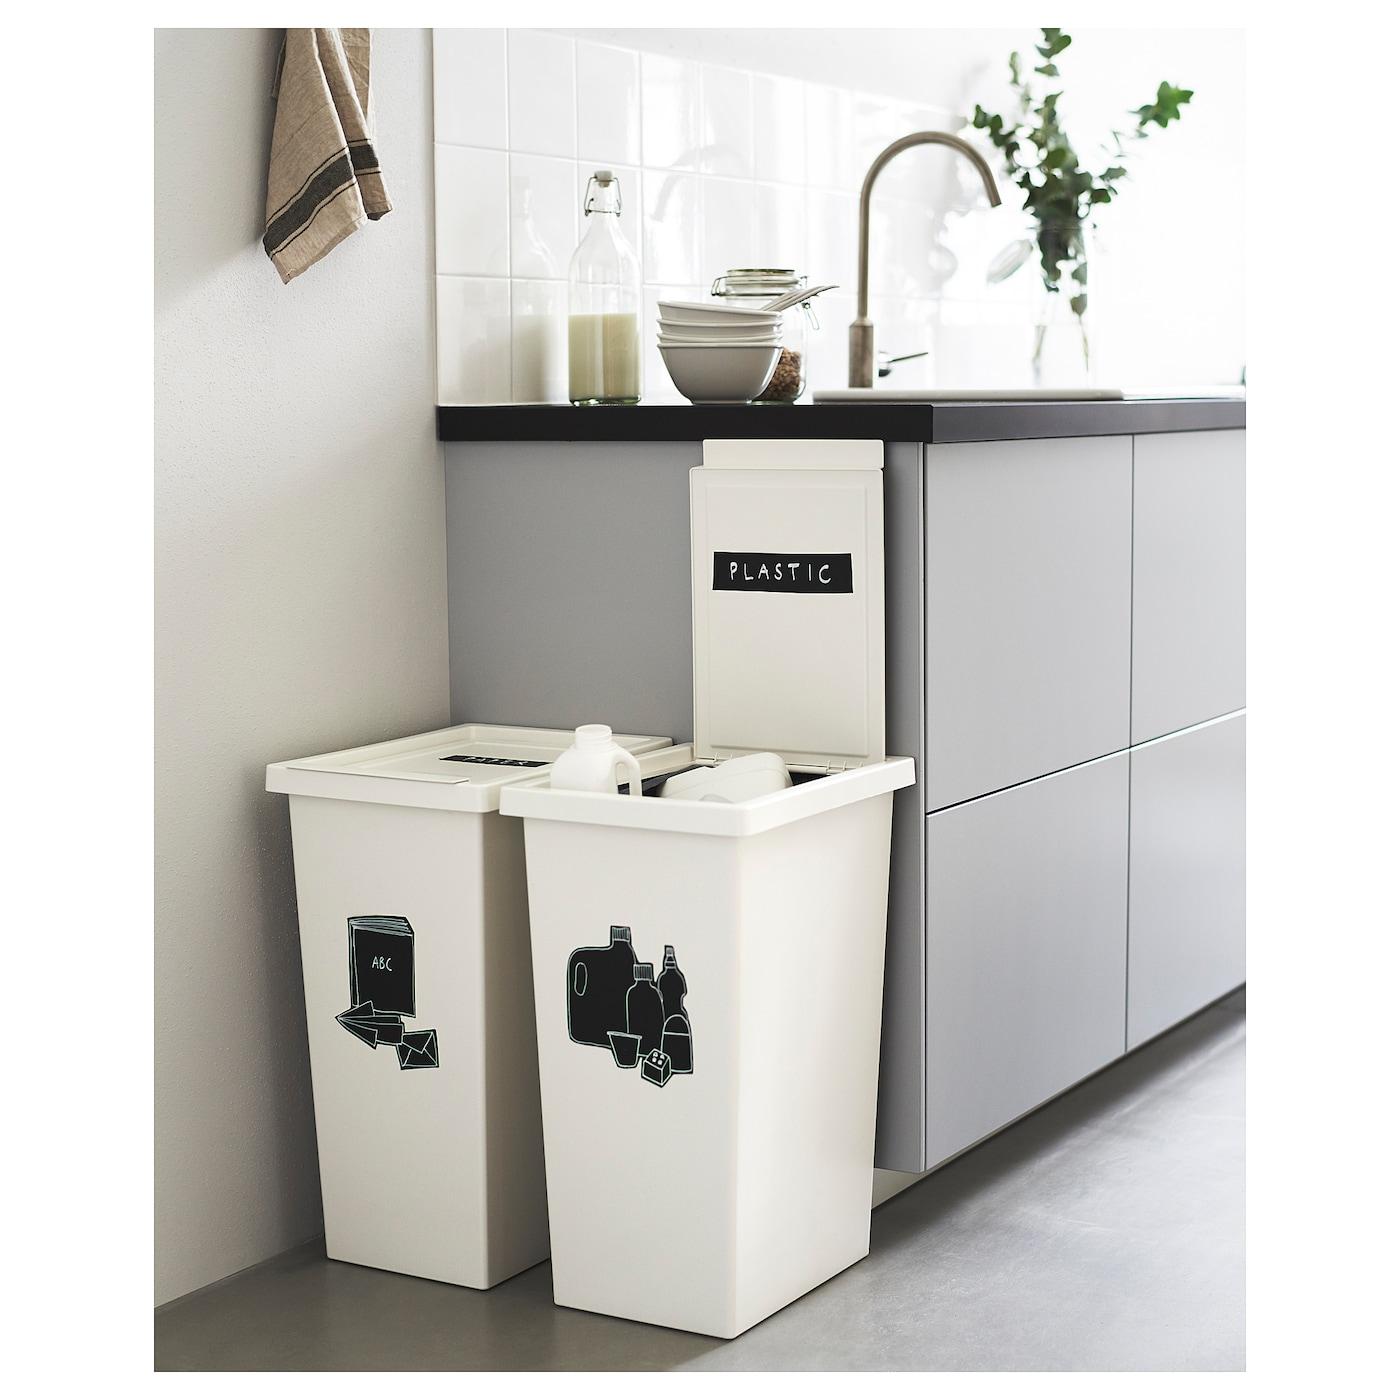 Full Size of Abfallbehälter Küche Ikea Kosten Betten 160x200 Kaufen Bei Sofa Mit Schlaffunktion Modulküche Miniküche Wohnzimmer Abfallbehälter Ikea